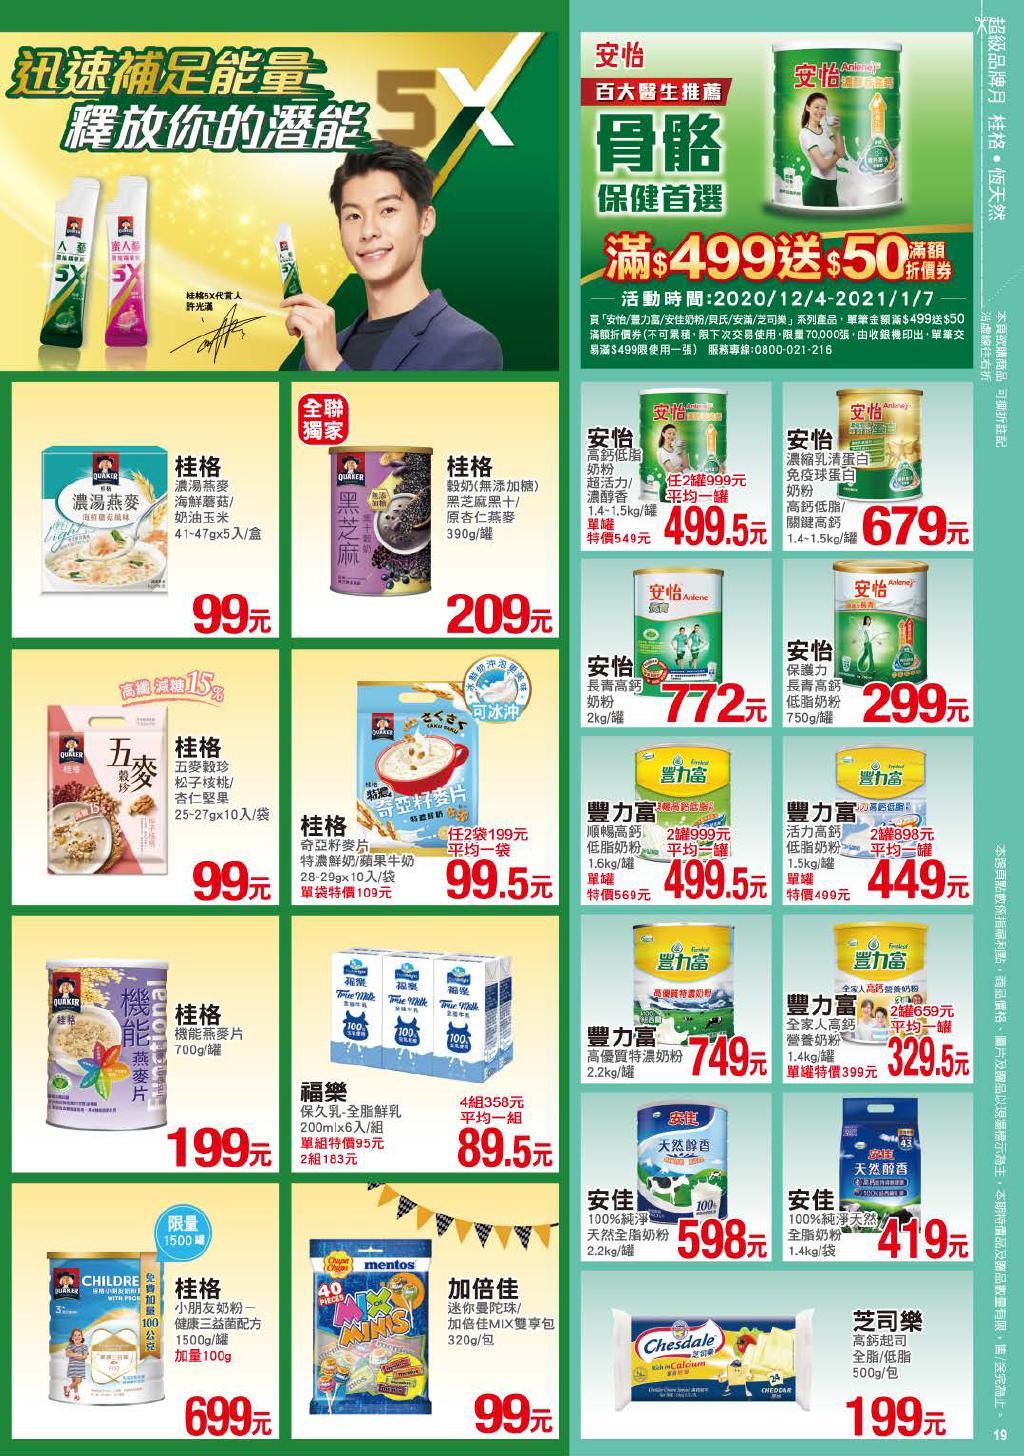 pxmart20210107_000019.jpg